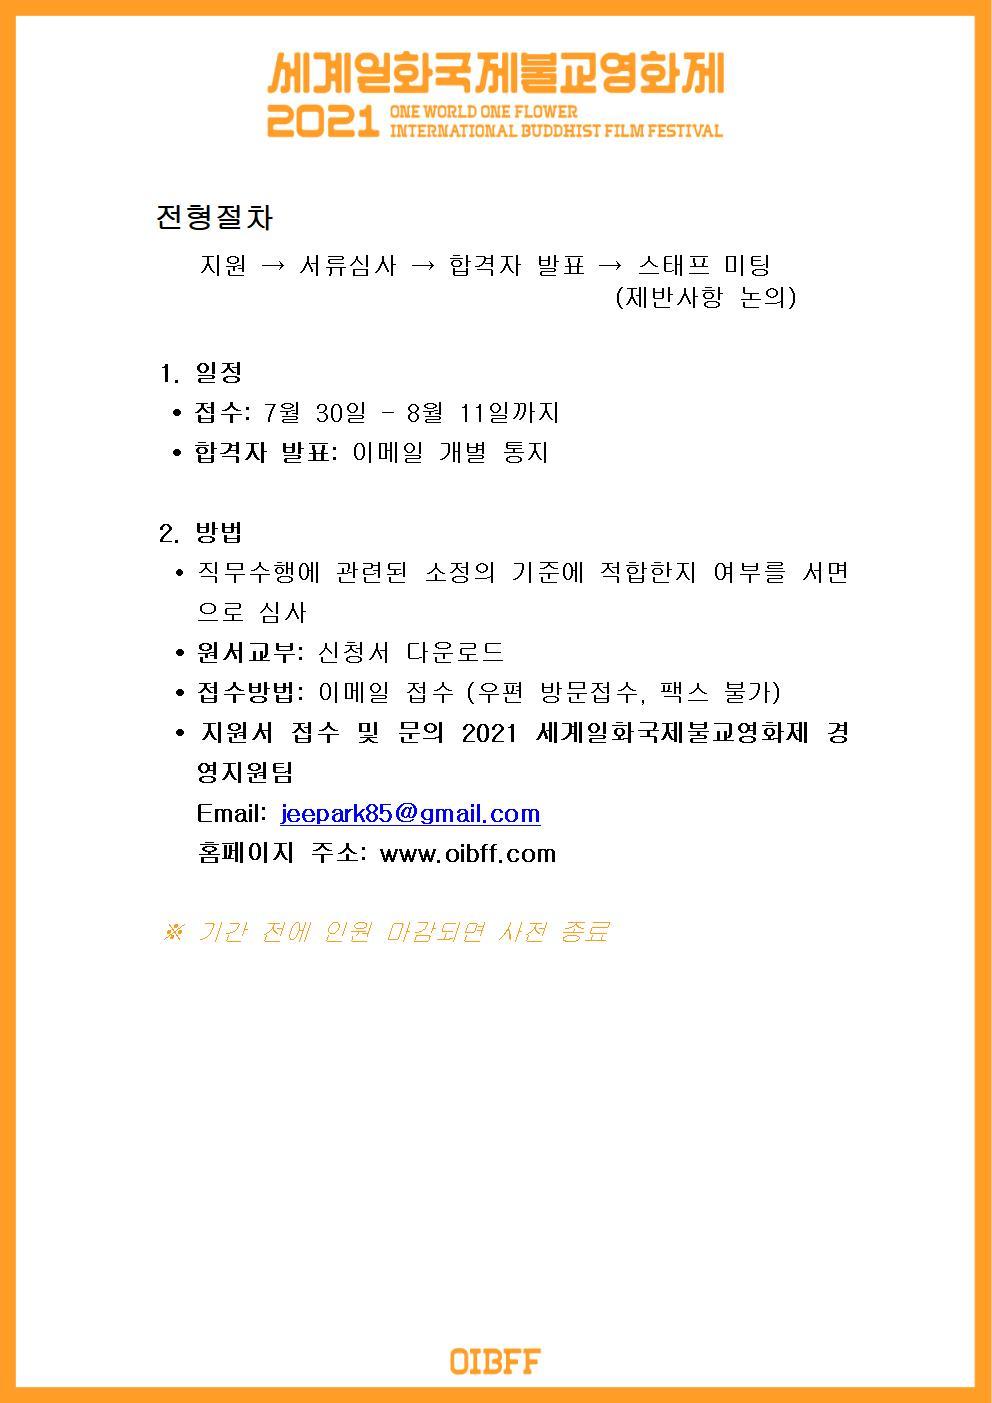 2021 세계일화국제불교영화제 자봉단 모집공고003